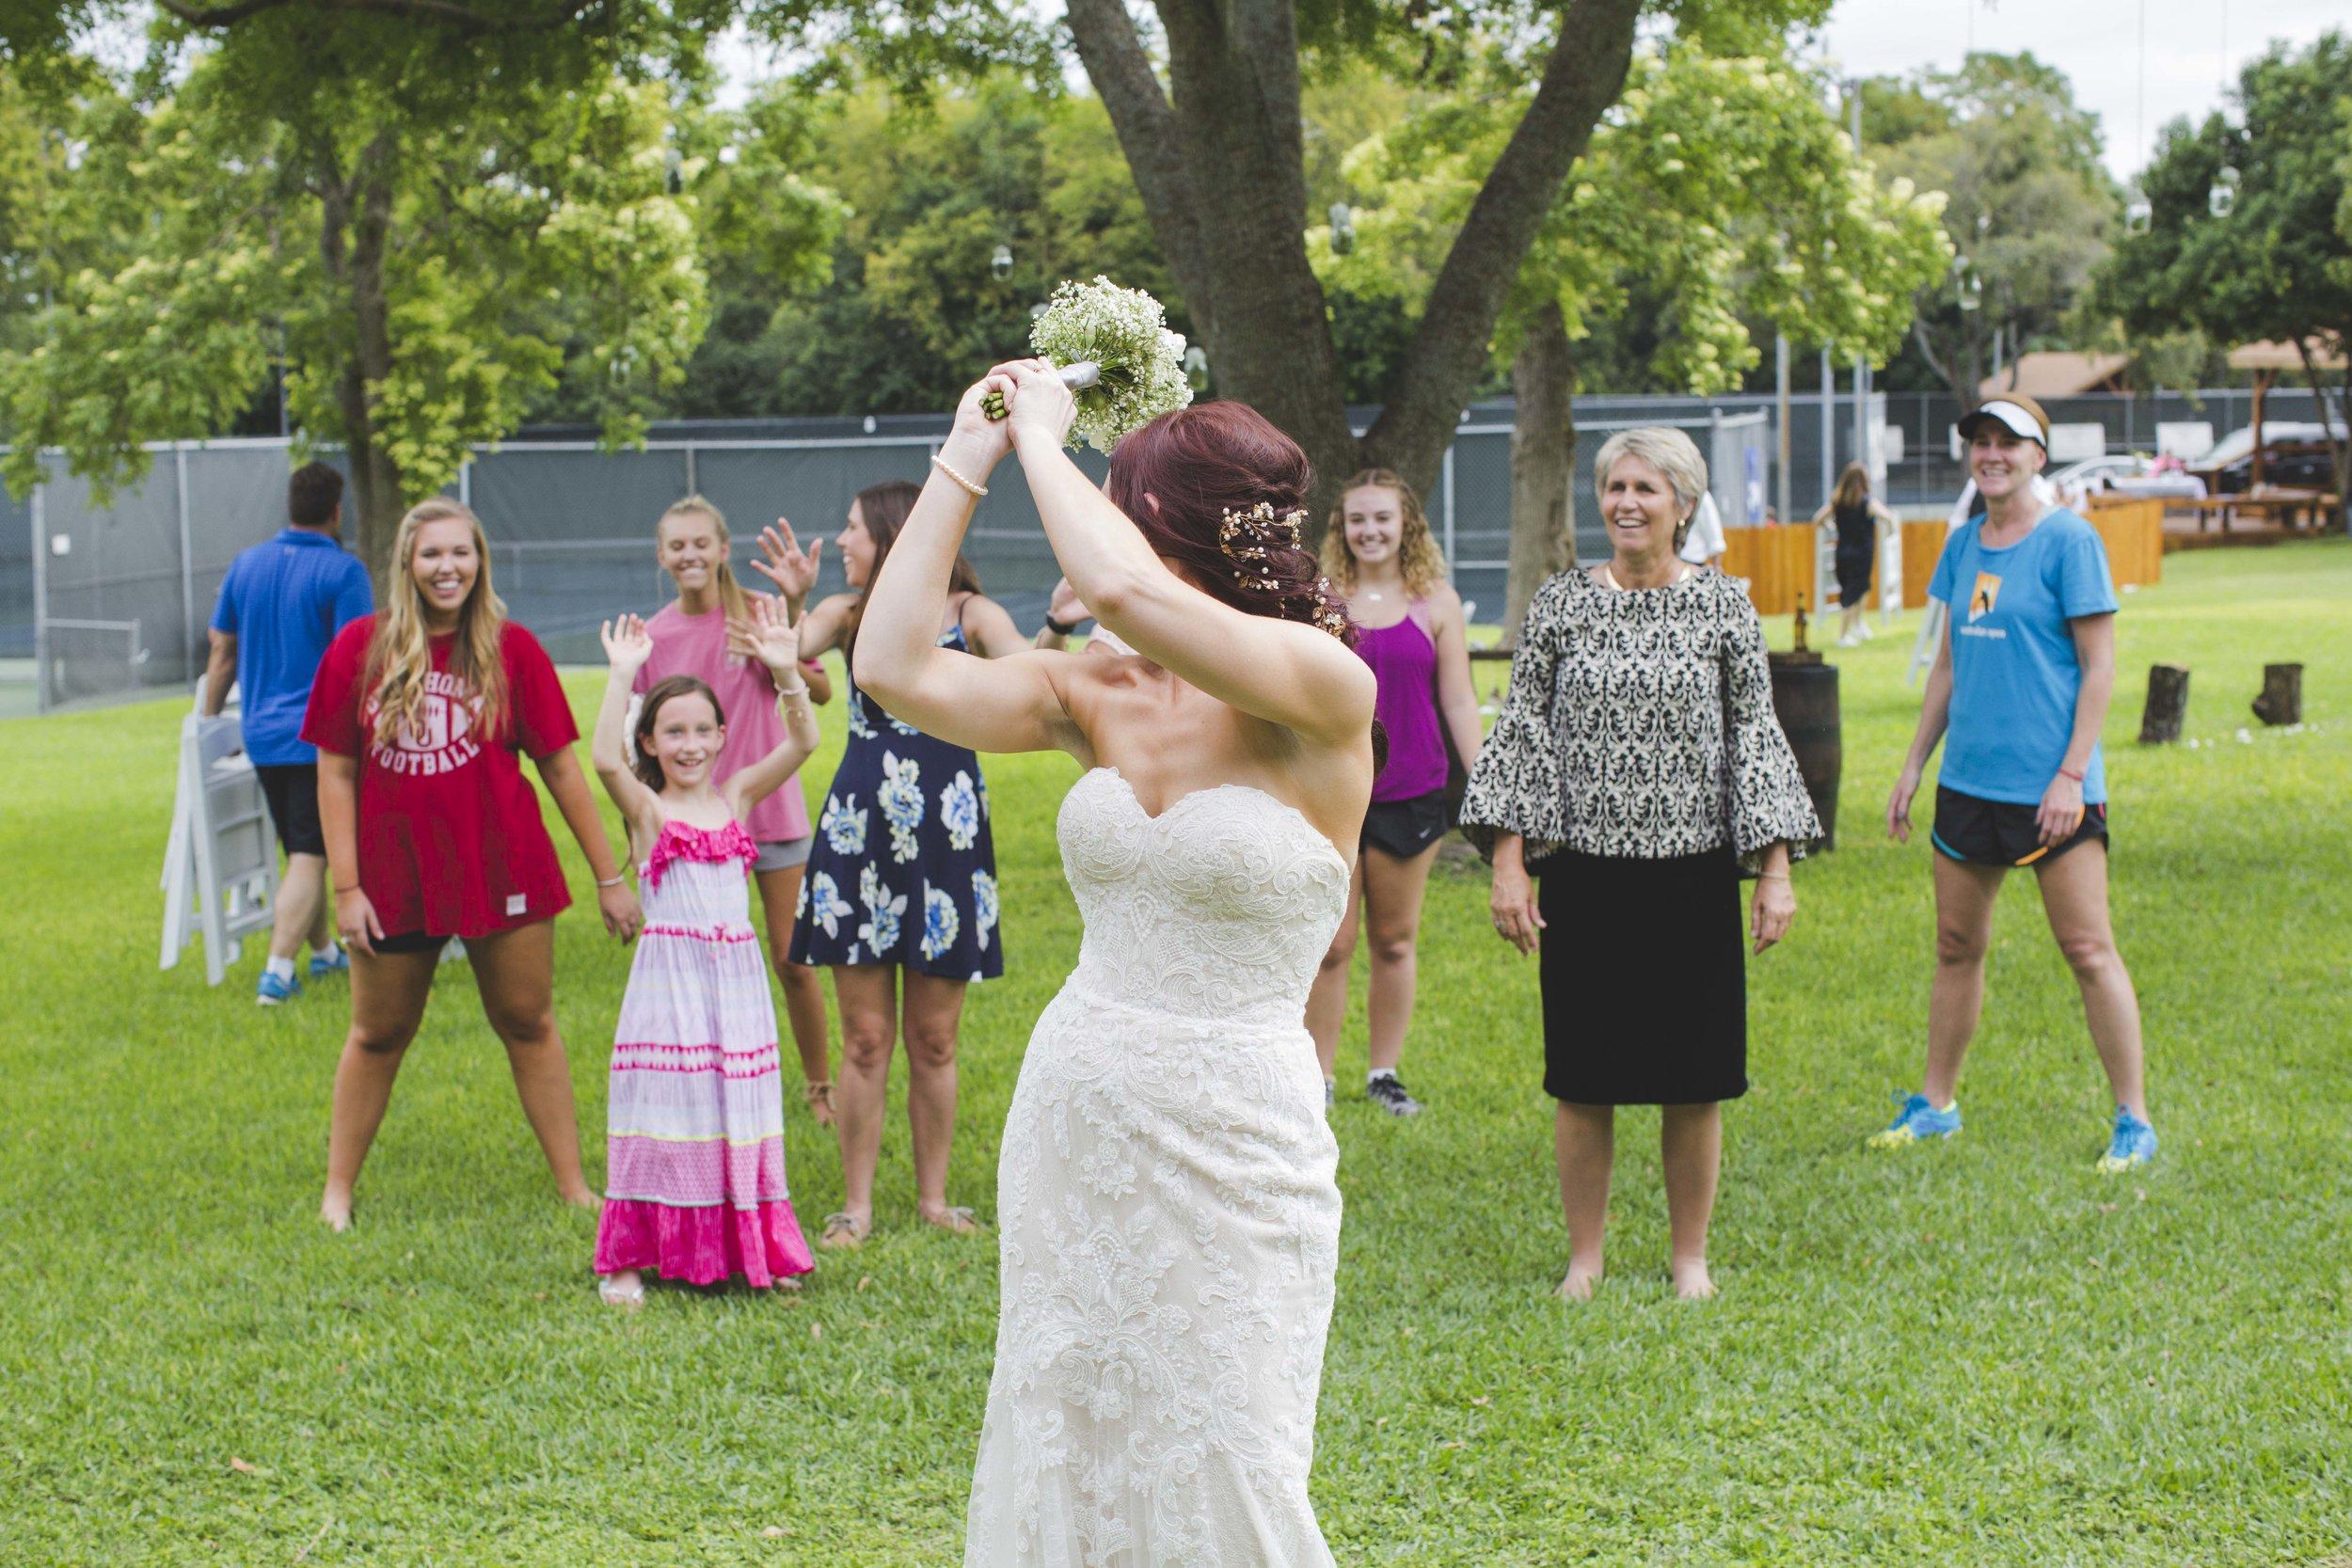 ATGI_Susanna & Matt Wedding_717A8790.jpg